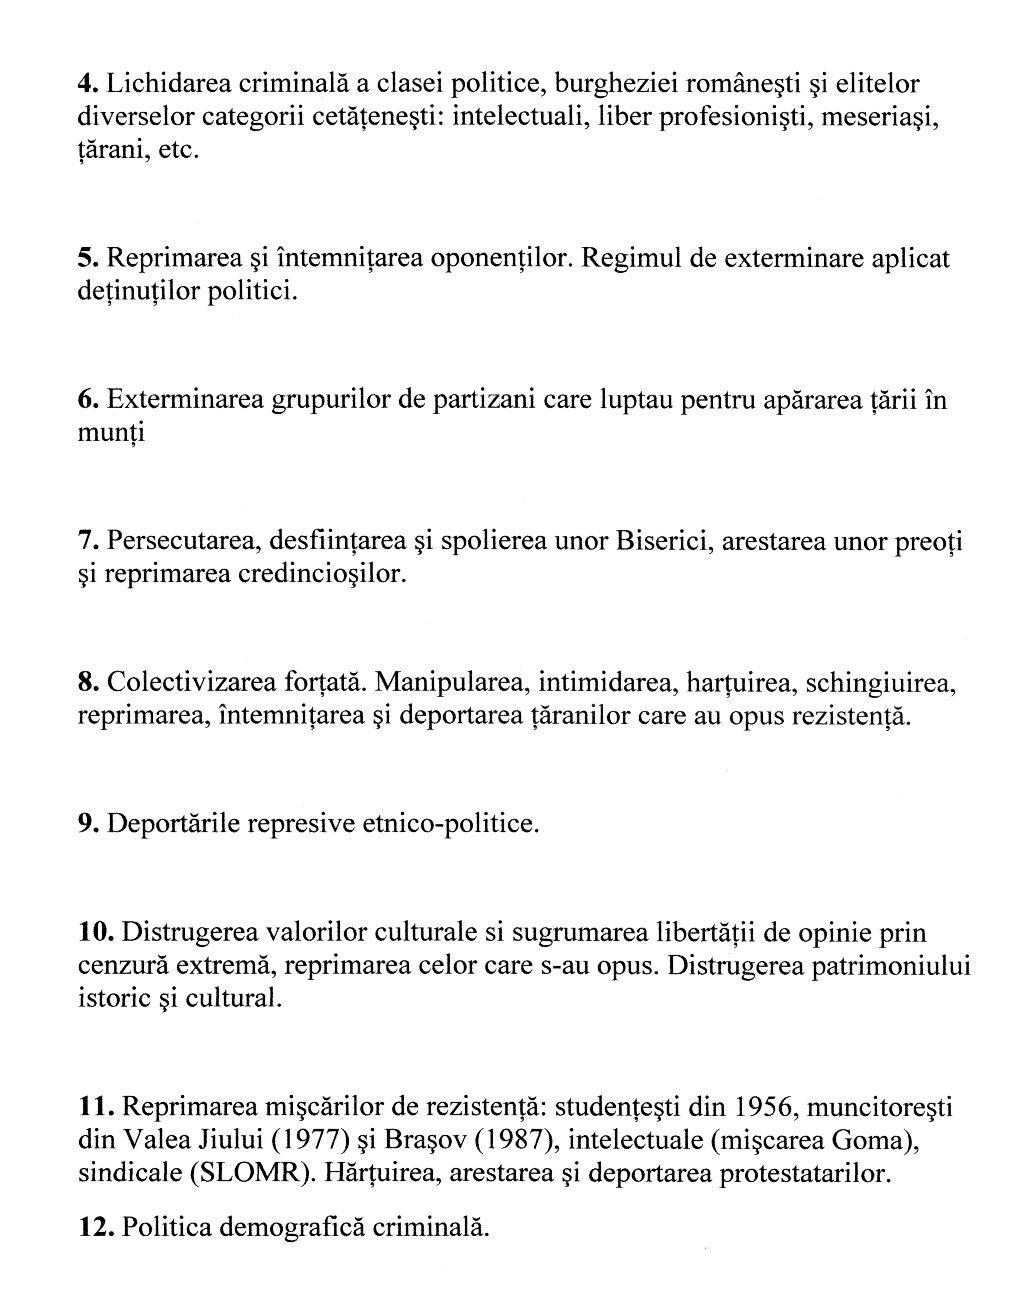 PP pg 4